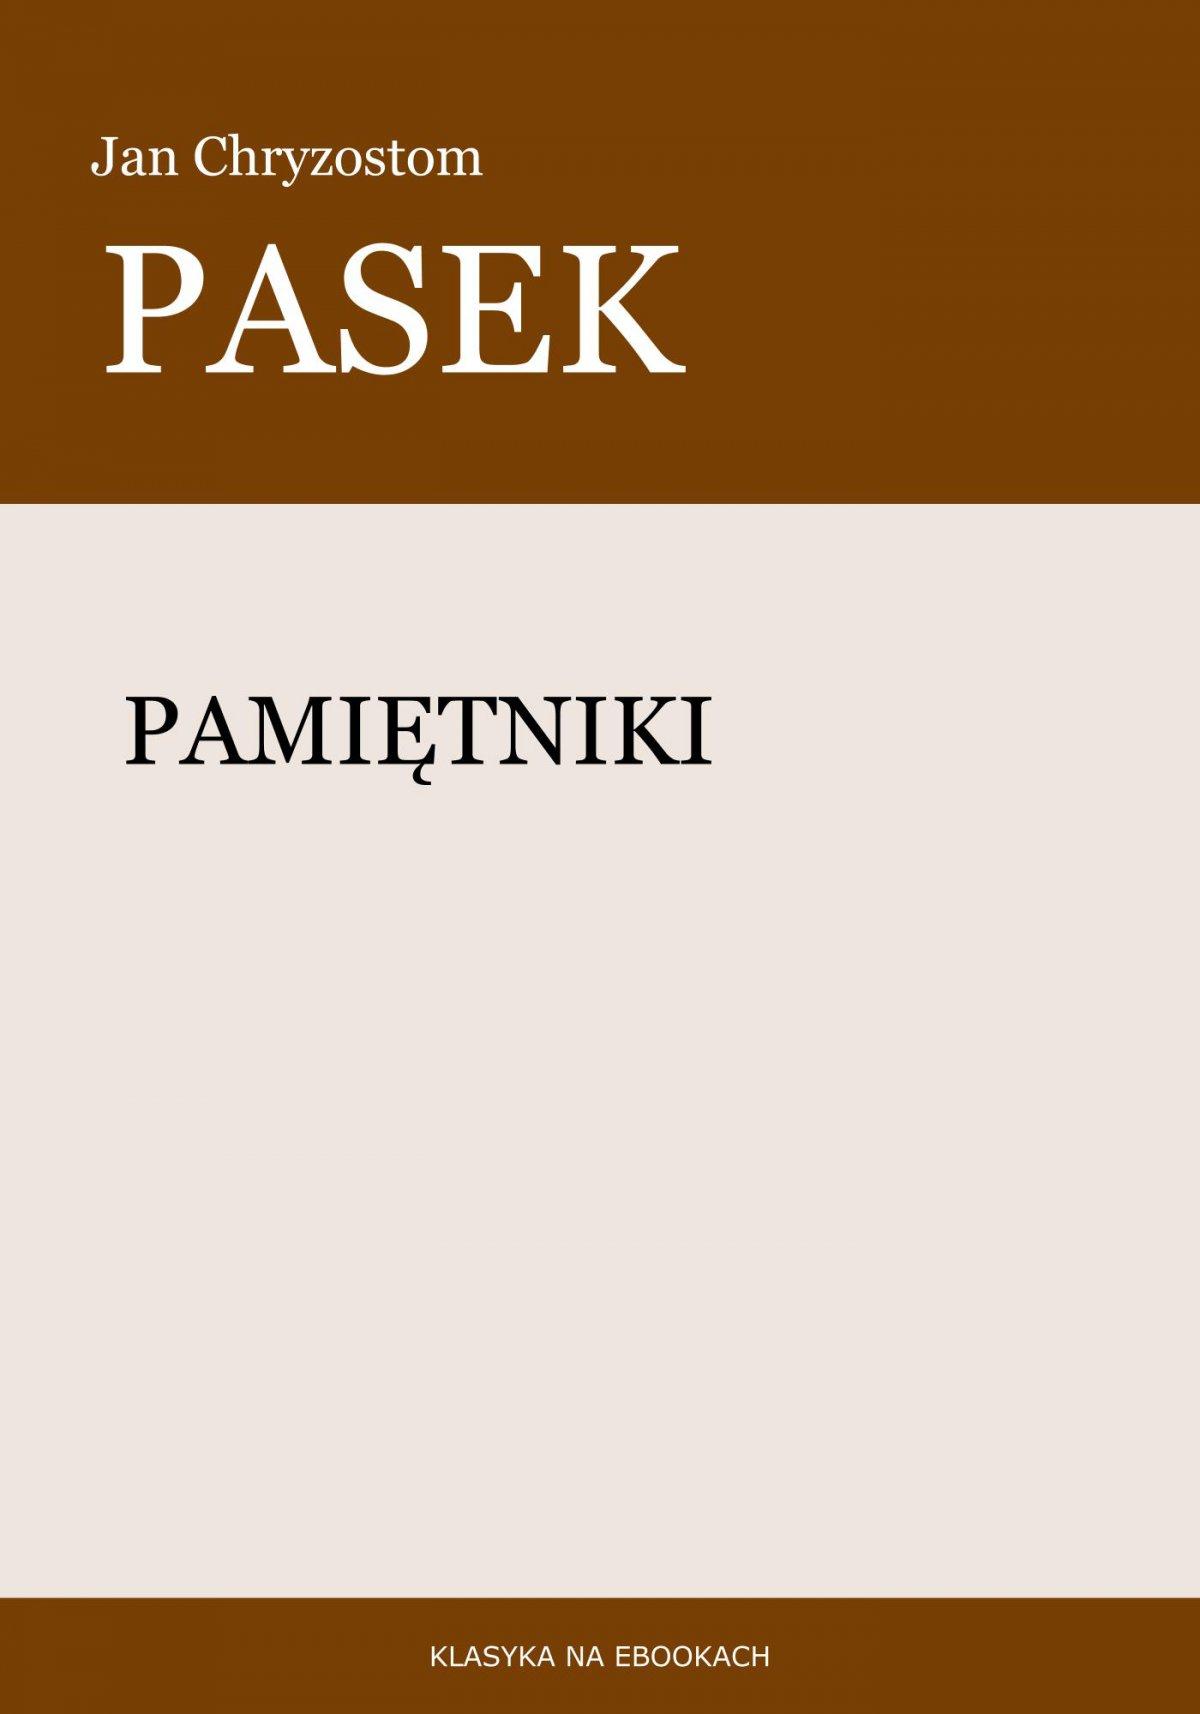 Pamiętniki - Ebook (Książka EPUB) do pobrania w formacie EPUB